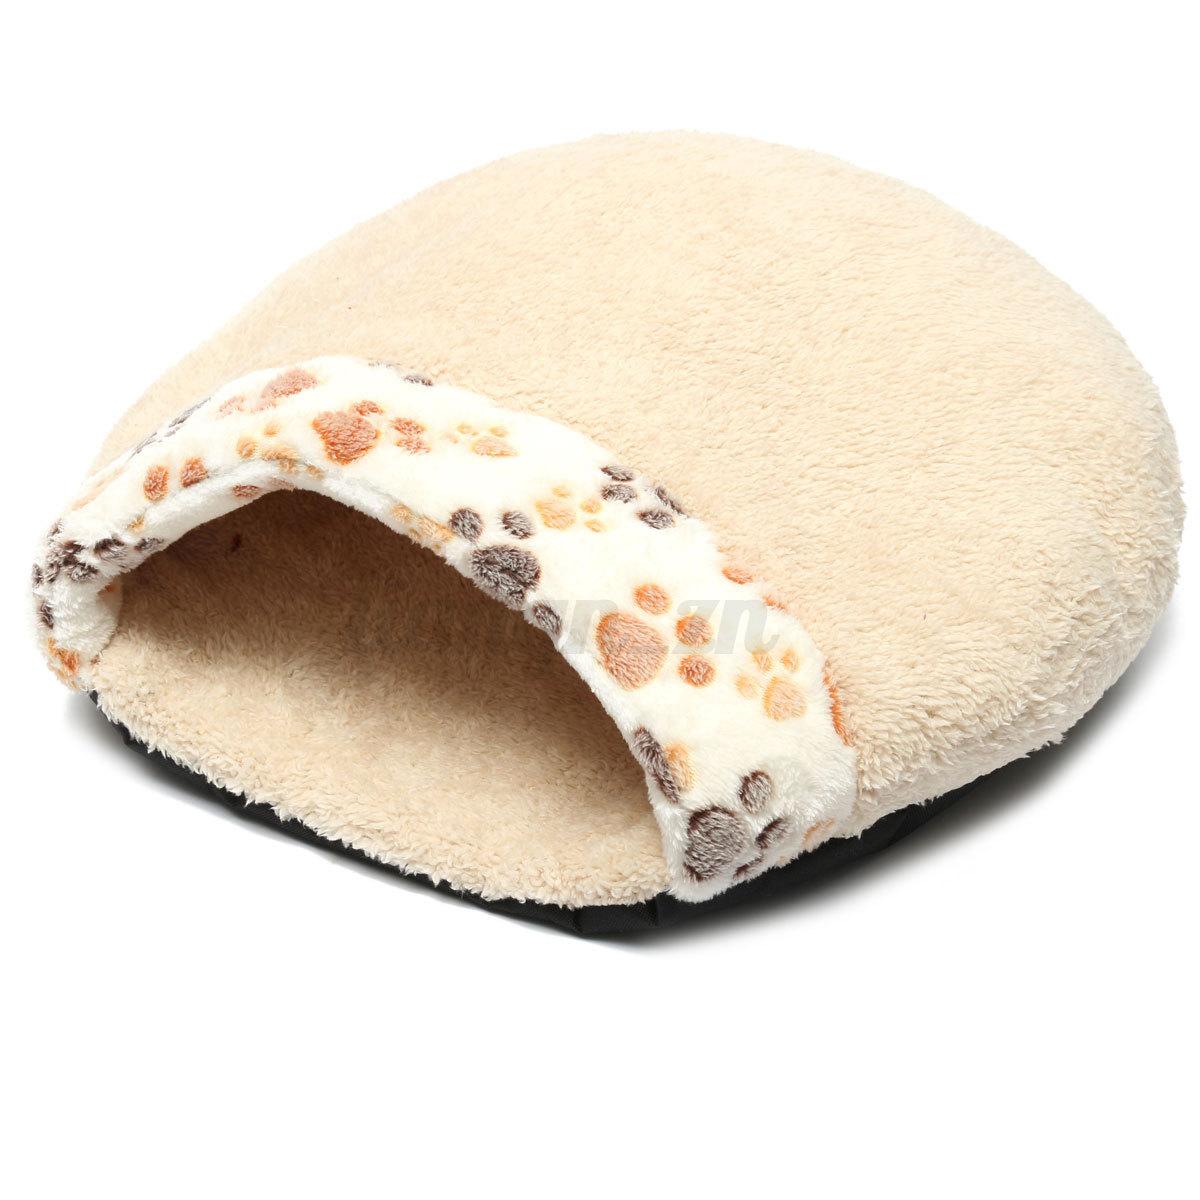 sac de couchage pour chien chat animal maison lit panier corbeille niche matelas. Black Bedroom Furniture Sets. Home Design Ideas